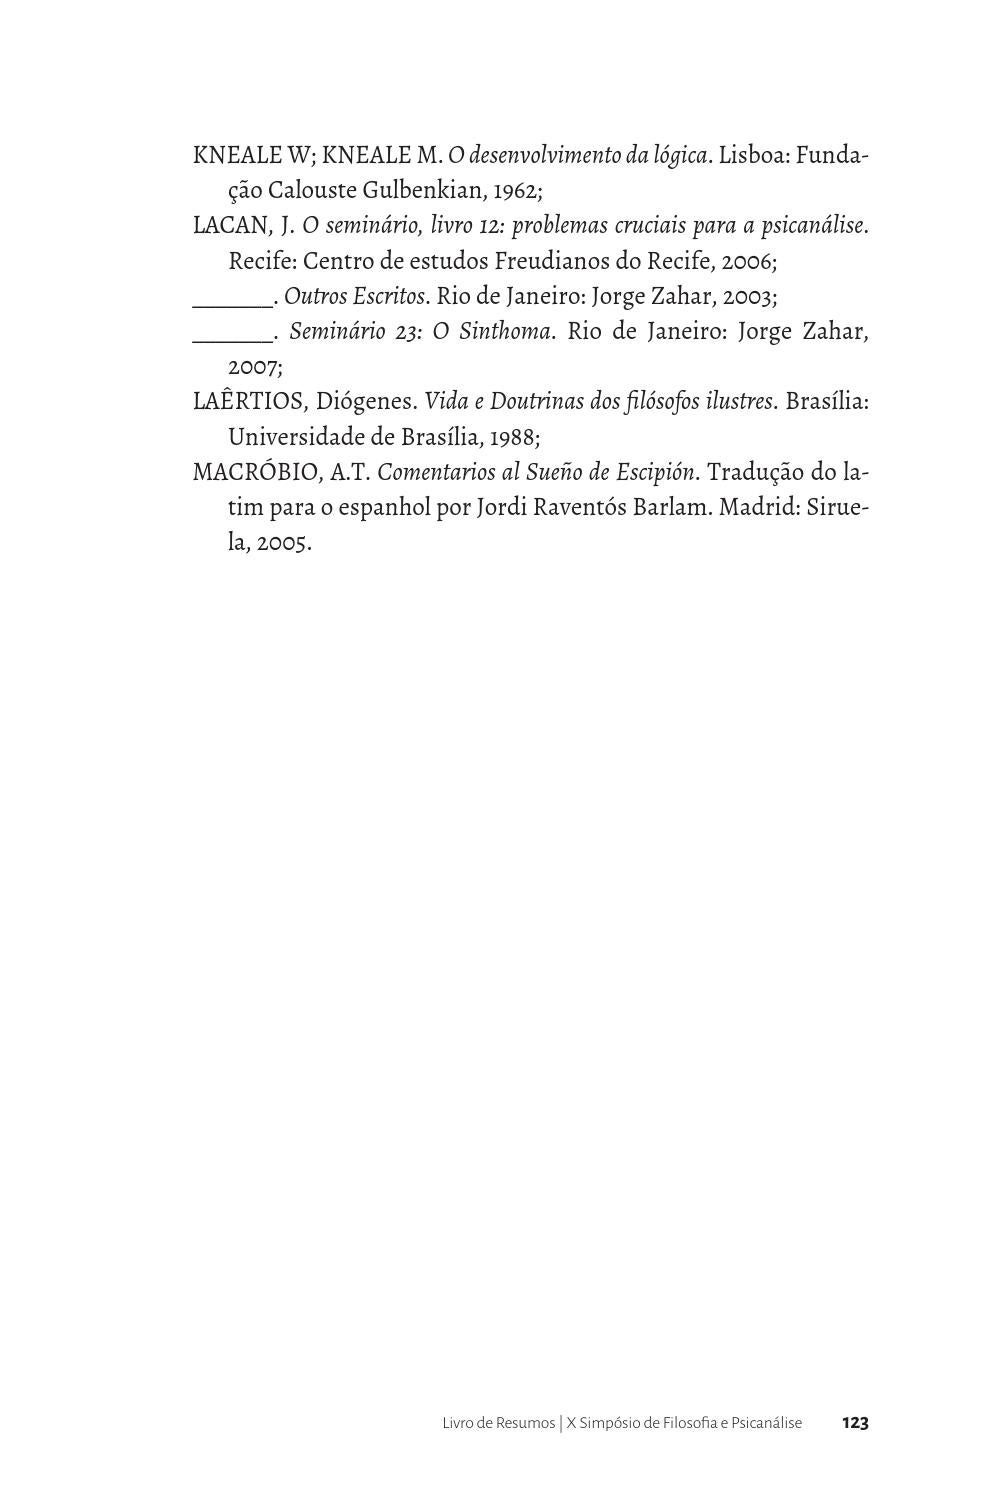 Livro de resumos - VI Congresso Internacional de Filosofia